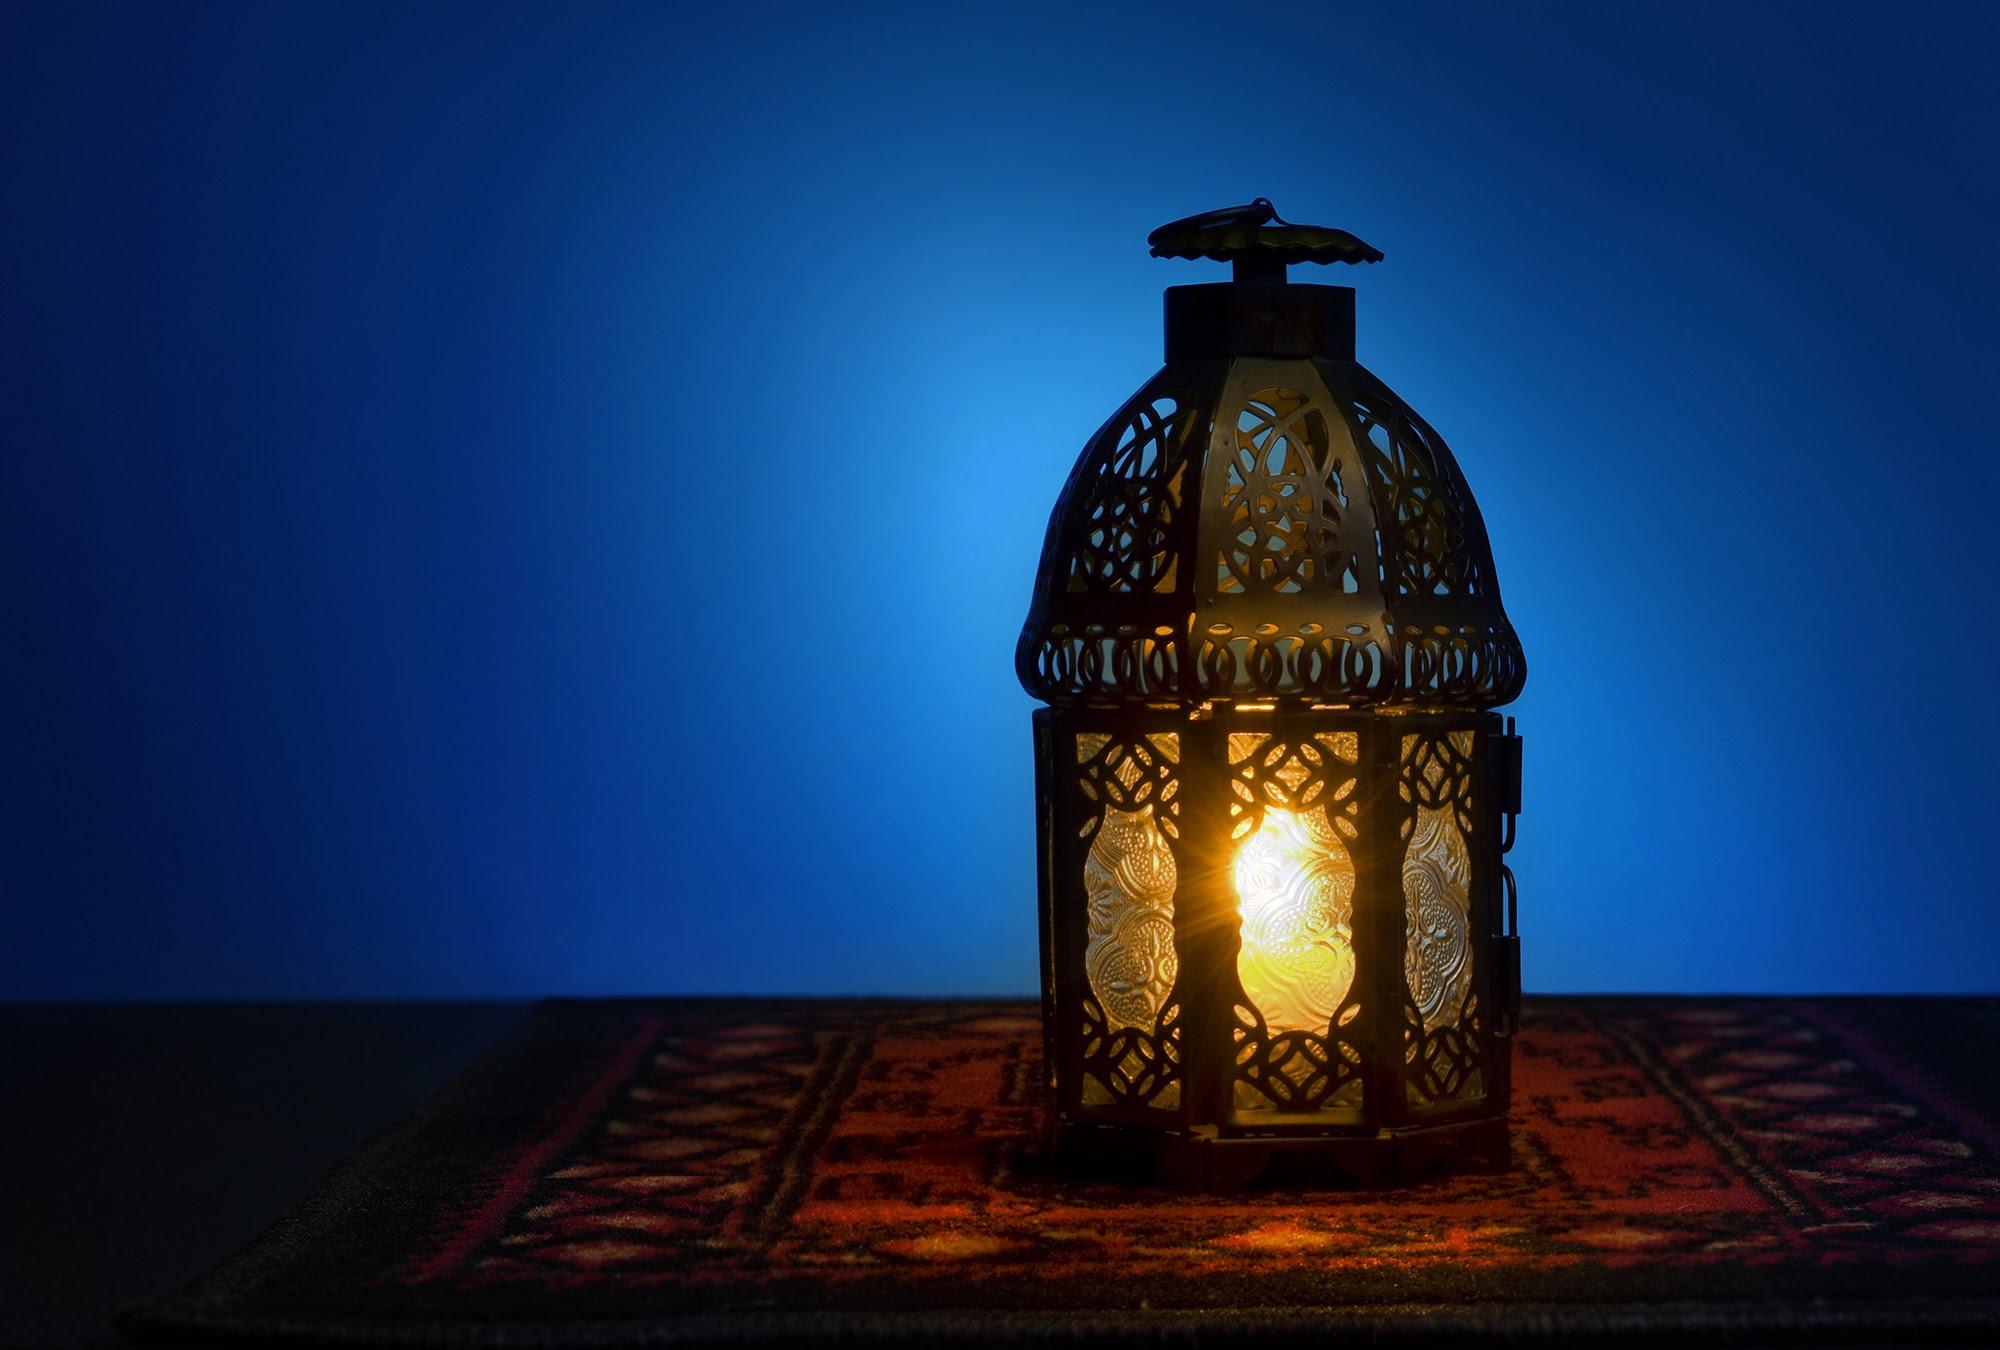 بالصور صور اجمل صور رمضانية صور معبرة عن رمضان , خلفيات للشهر الكريم 4346 9